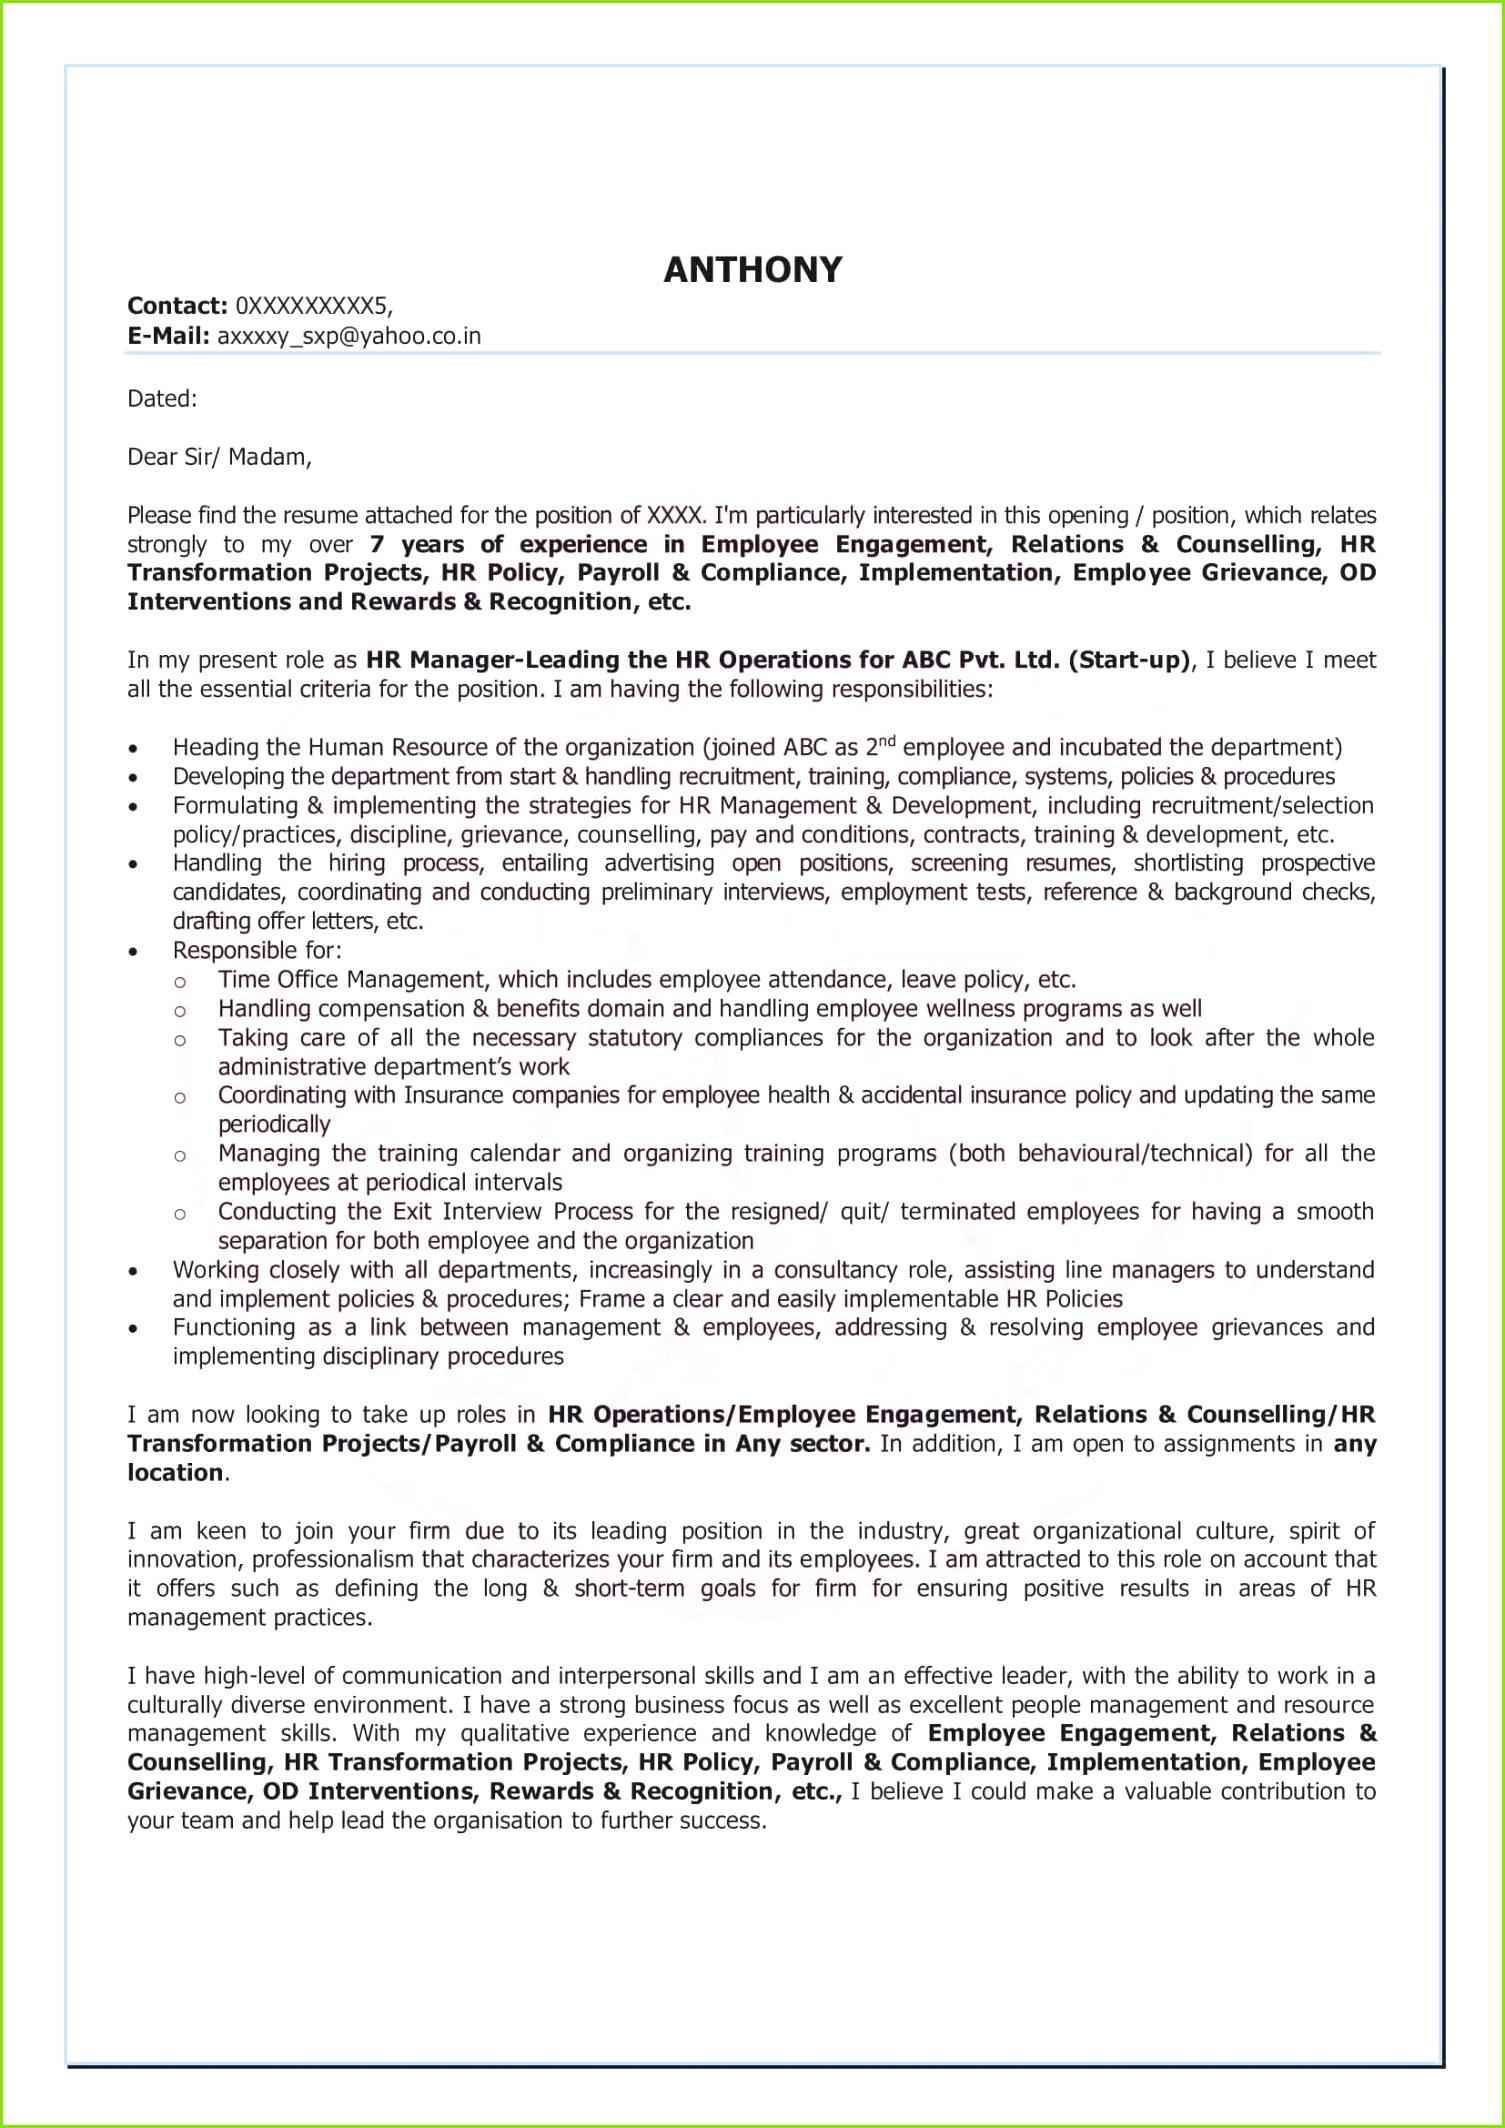 Tolle Vali rungsprotokollvorlage Fotos Beispielzusammenfassung Fristgerechte Kündigung Vorlage – Kündigung Vertrag